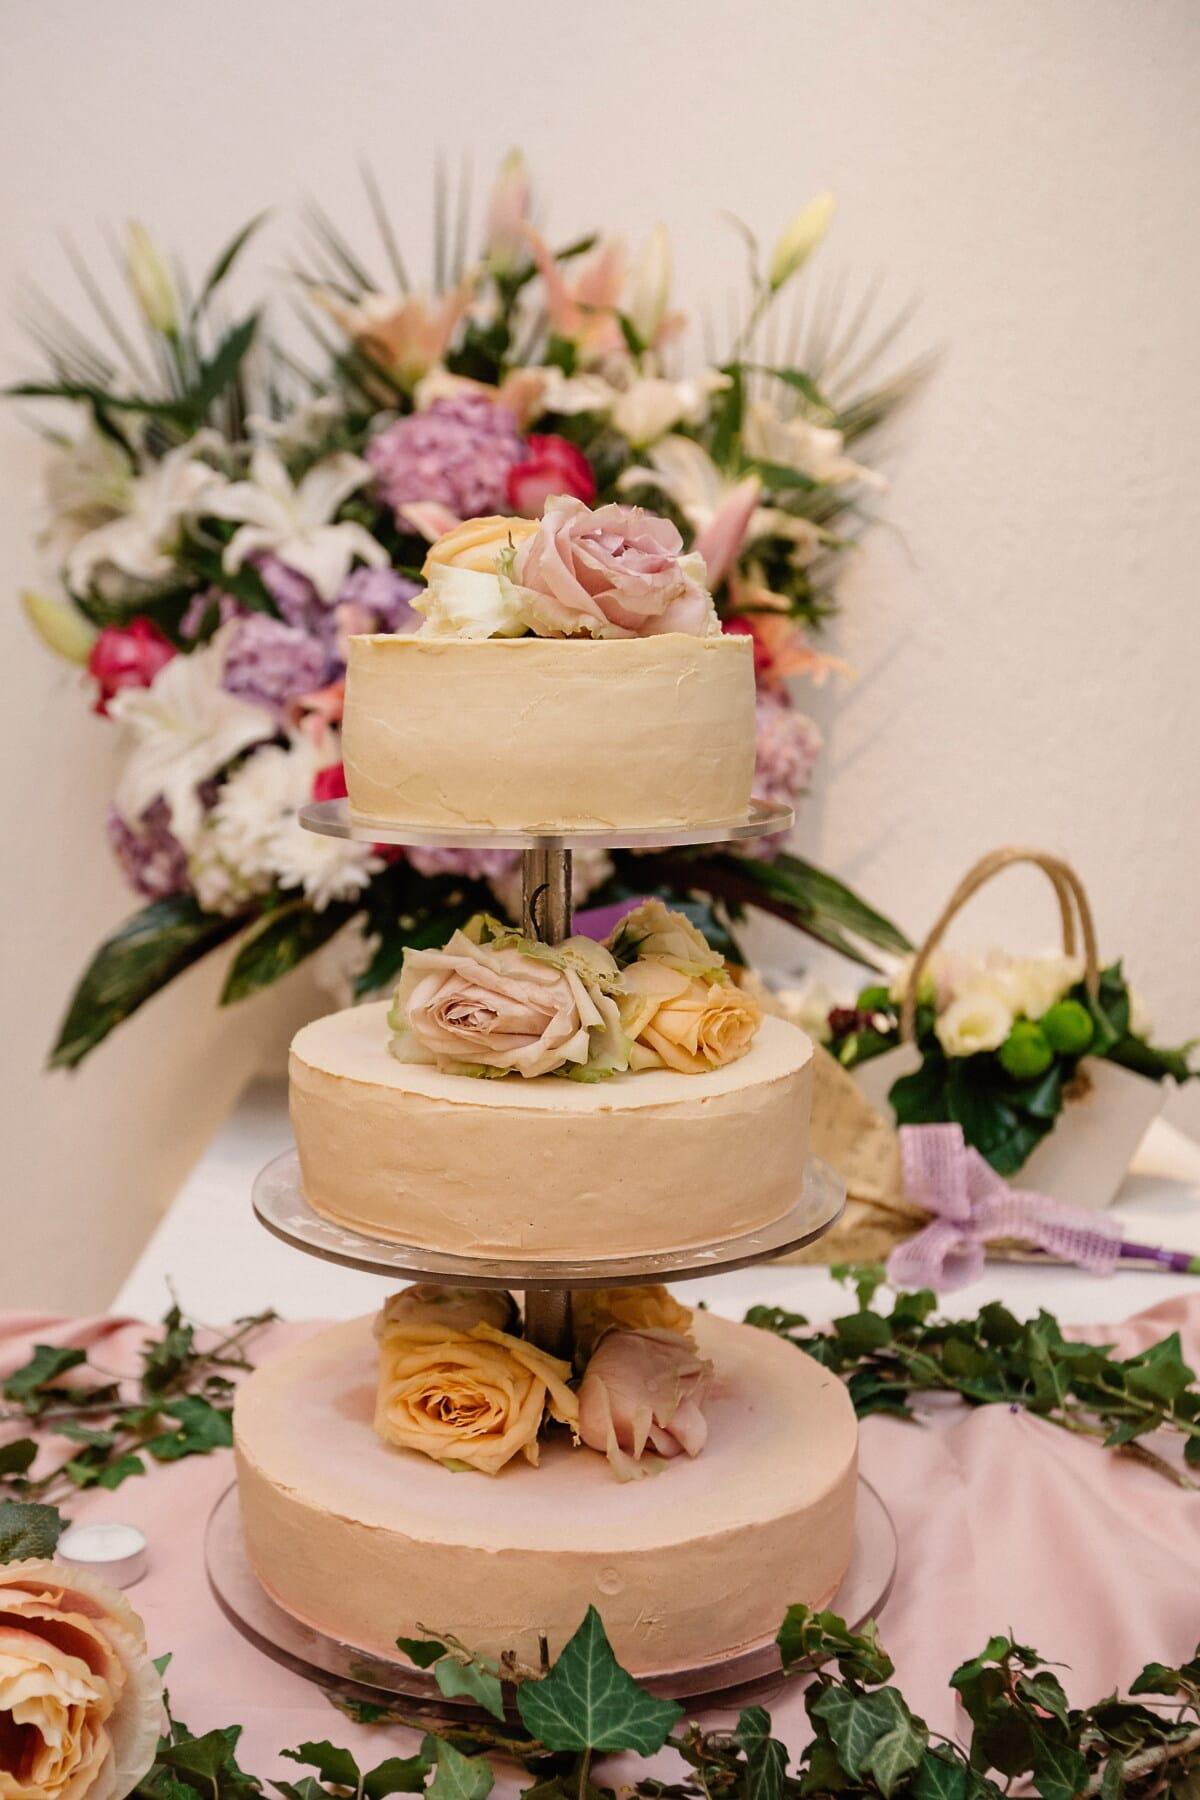 Hochzeitstorte, Dekoration, Anordnung, Hochzeit, Empfang, Interieur-design, Liebe, Blume, stieg, elegant